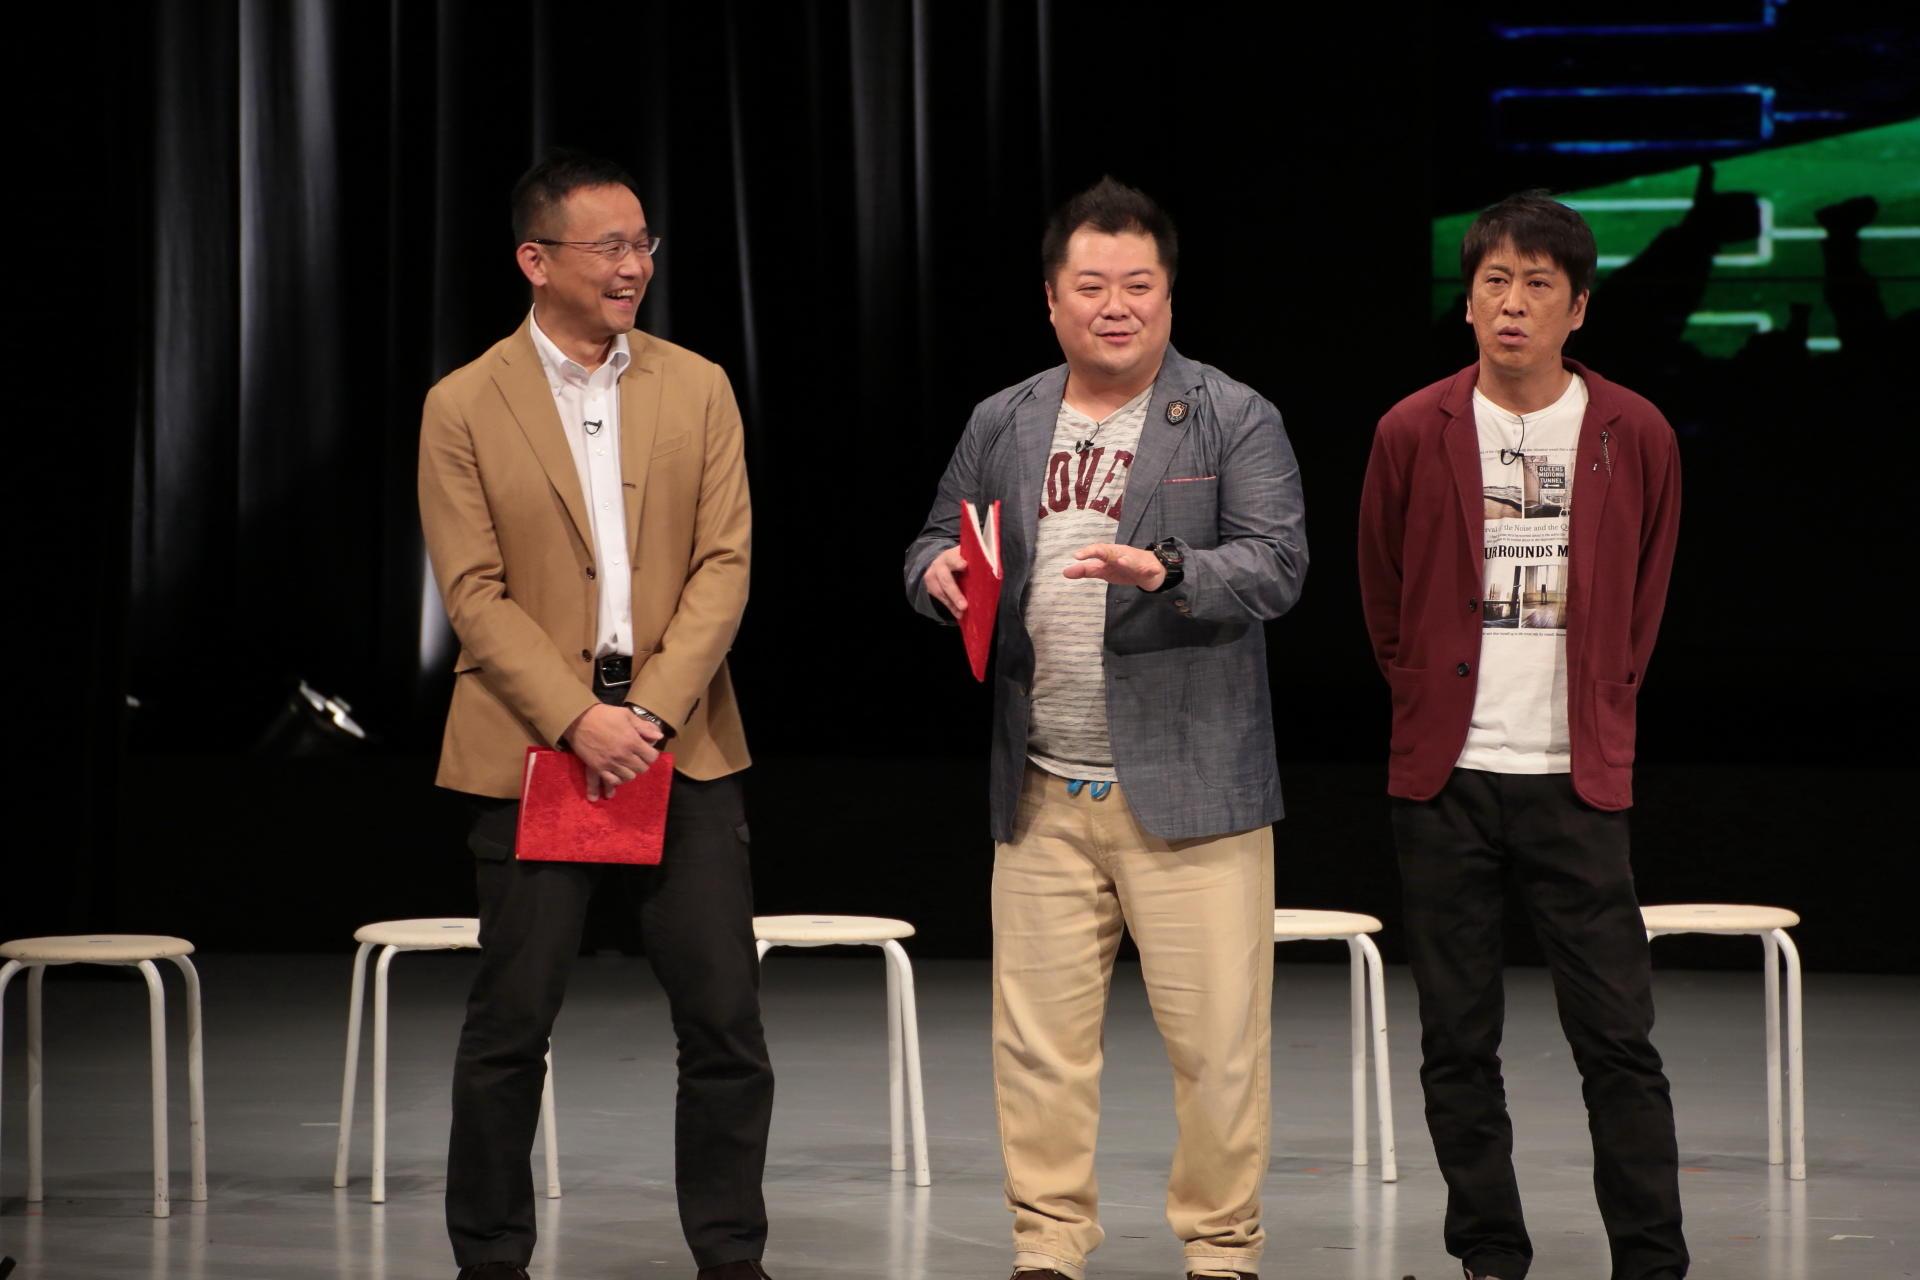 http://news.yoshimoto.co.jp/20160118174202-45c85030eb4d4184491425d3c4d0d4a17a5f00b1.jpg